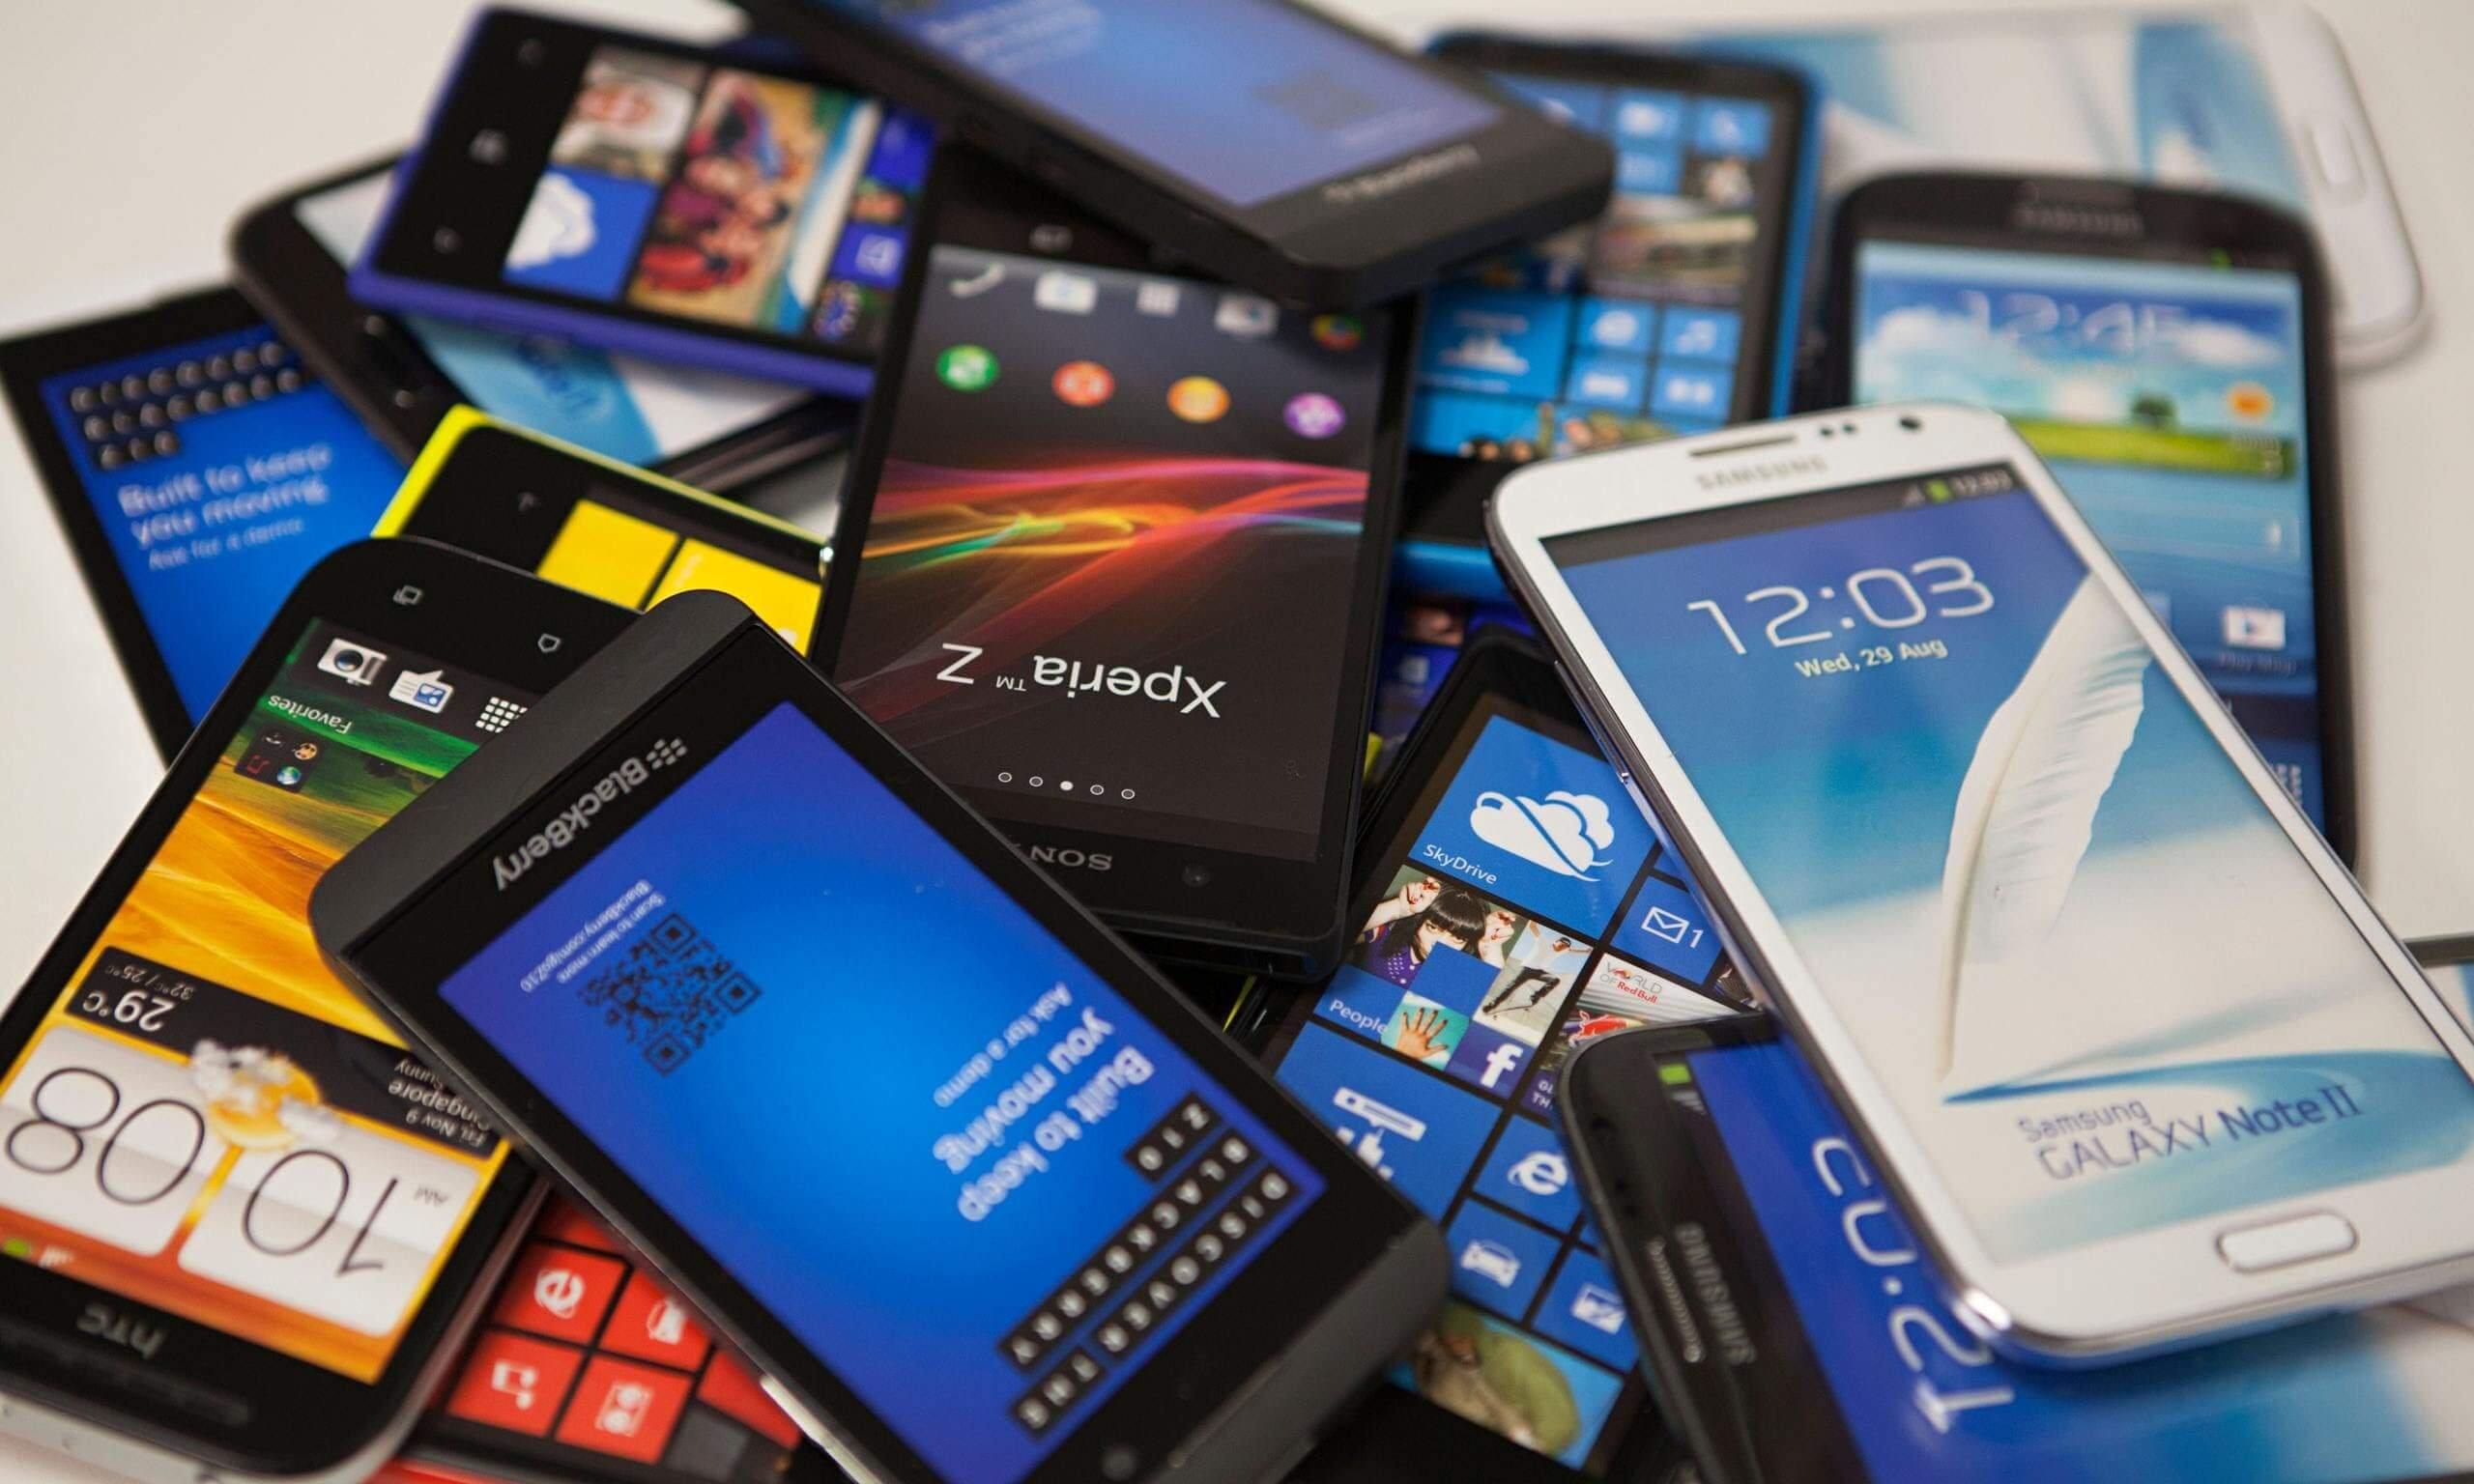 Картинки по запросу продавец телефонов